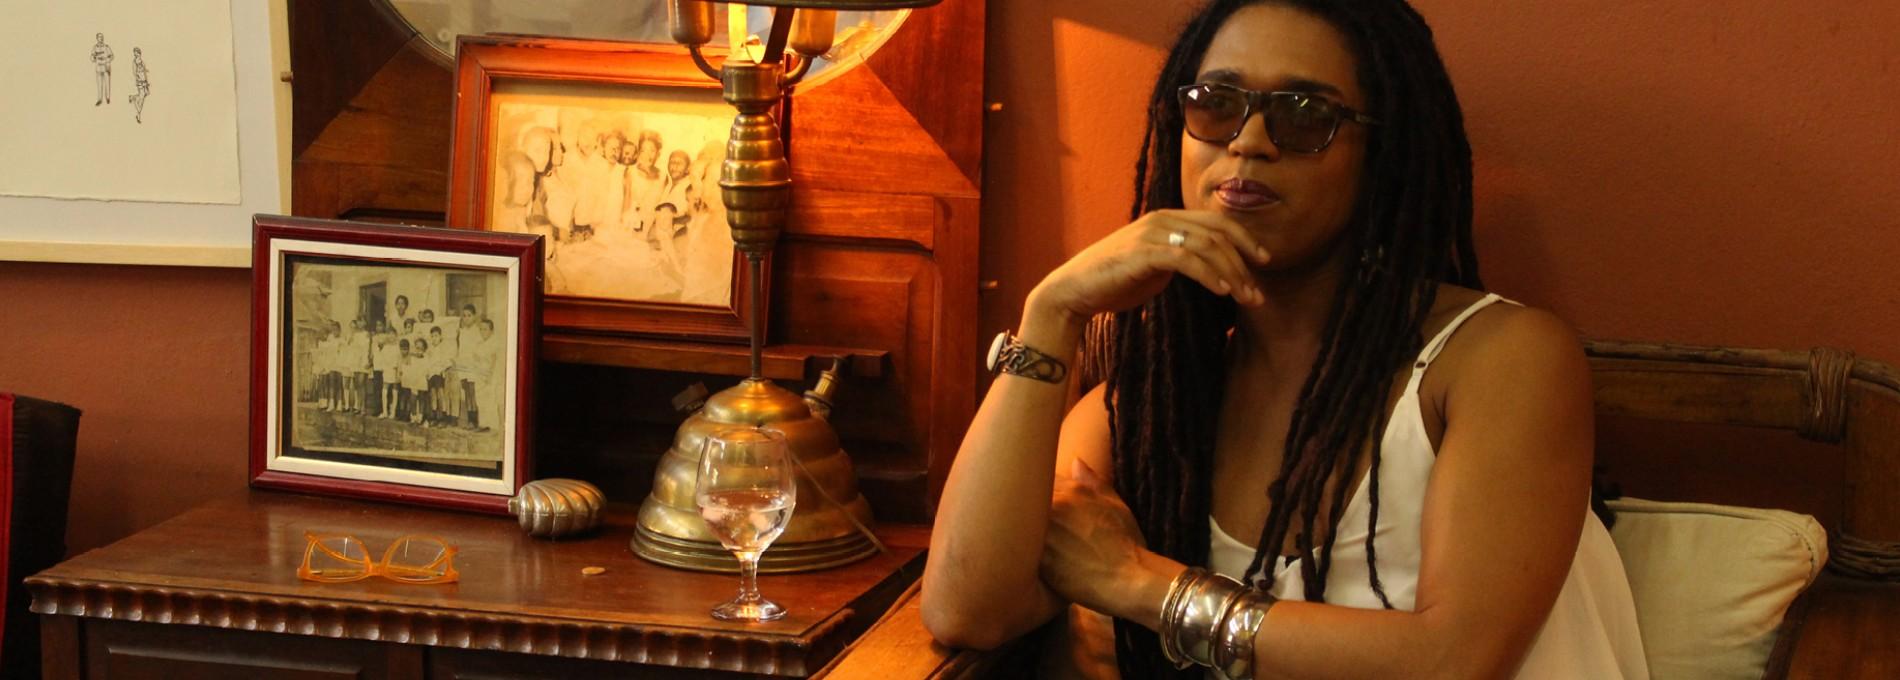 Erica Malunguinho: a mulher que pariu um quilombo urbano